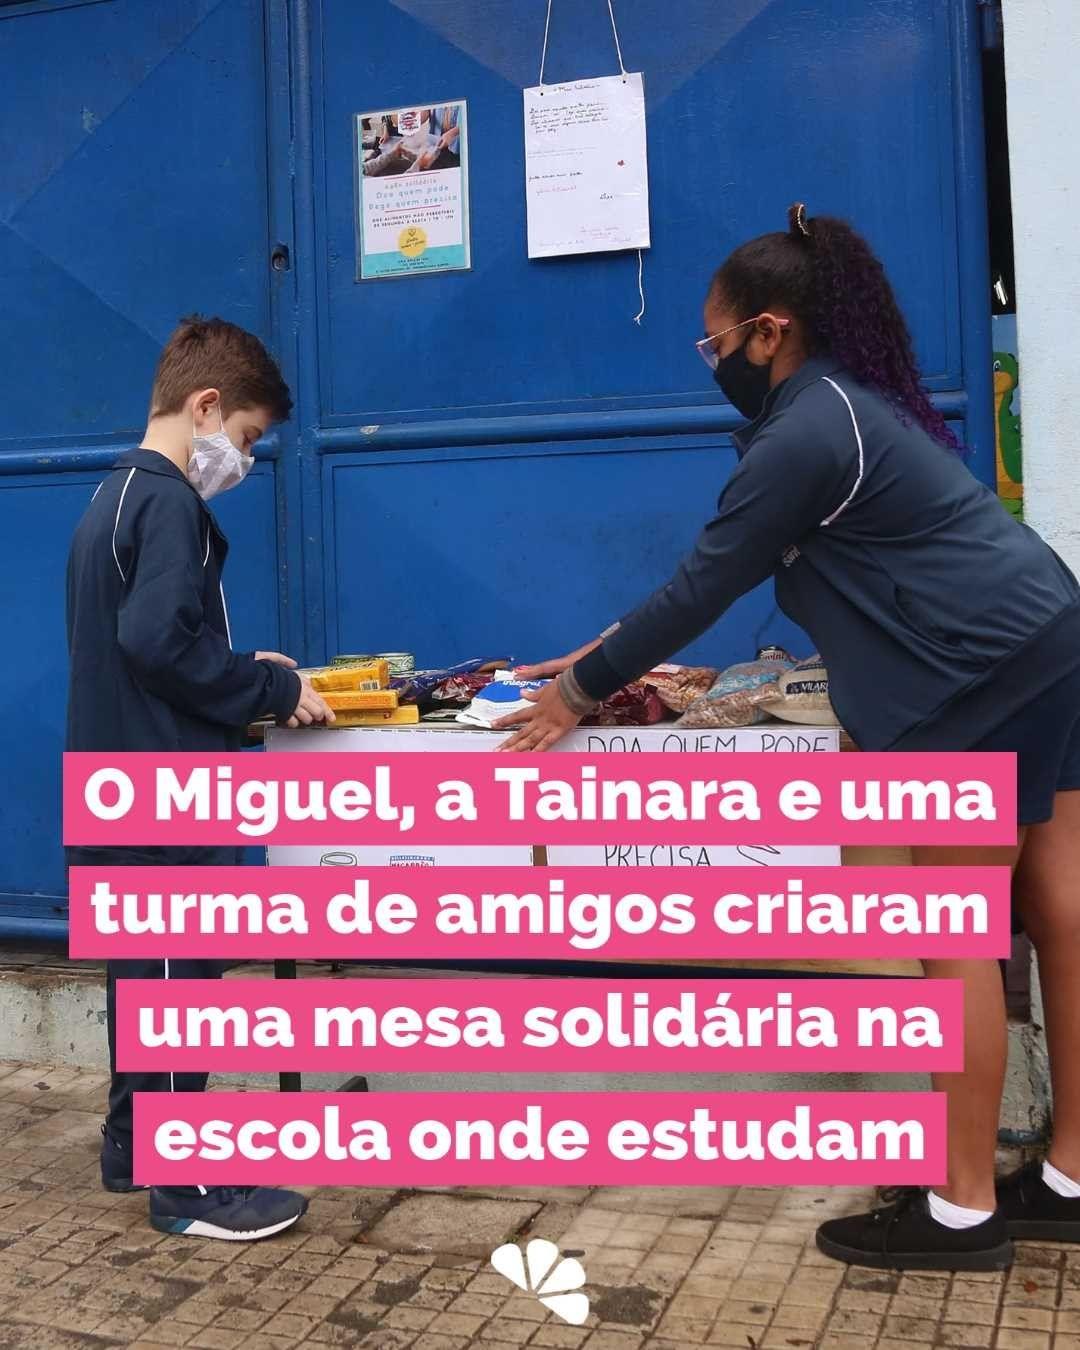 crianças de escola criam mesa solidária